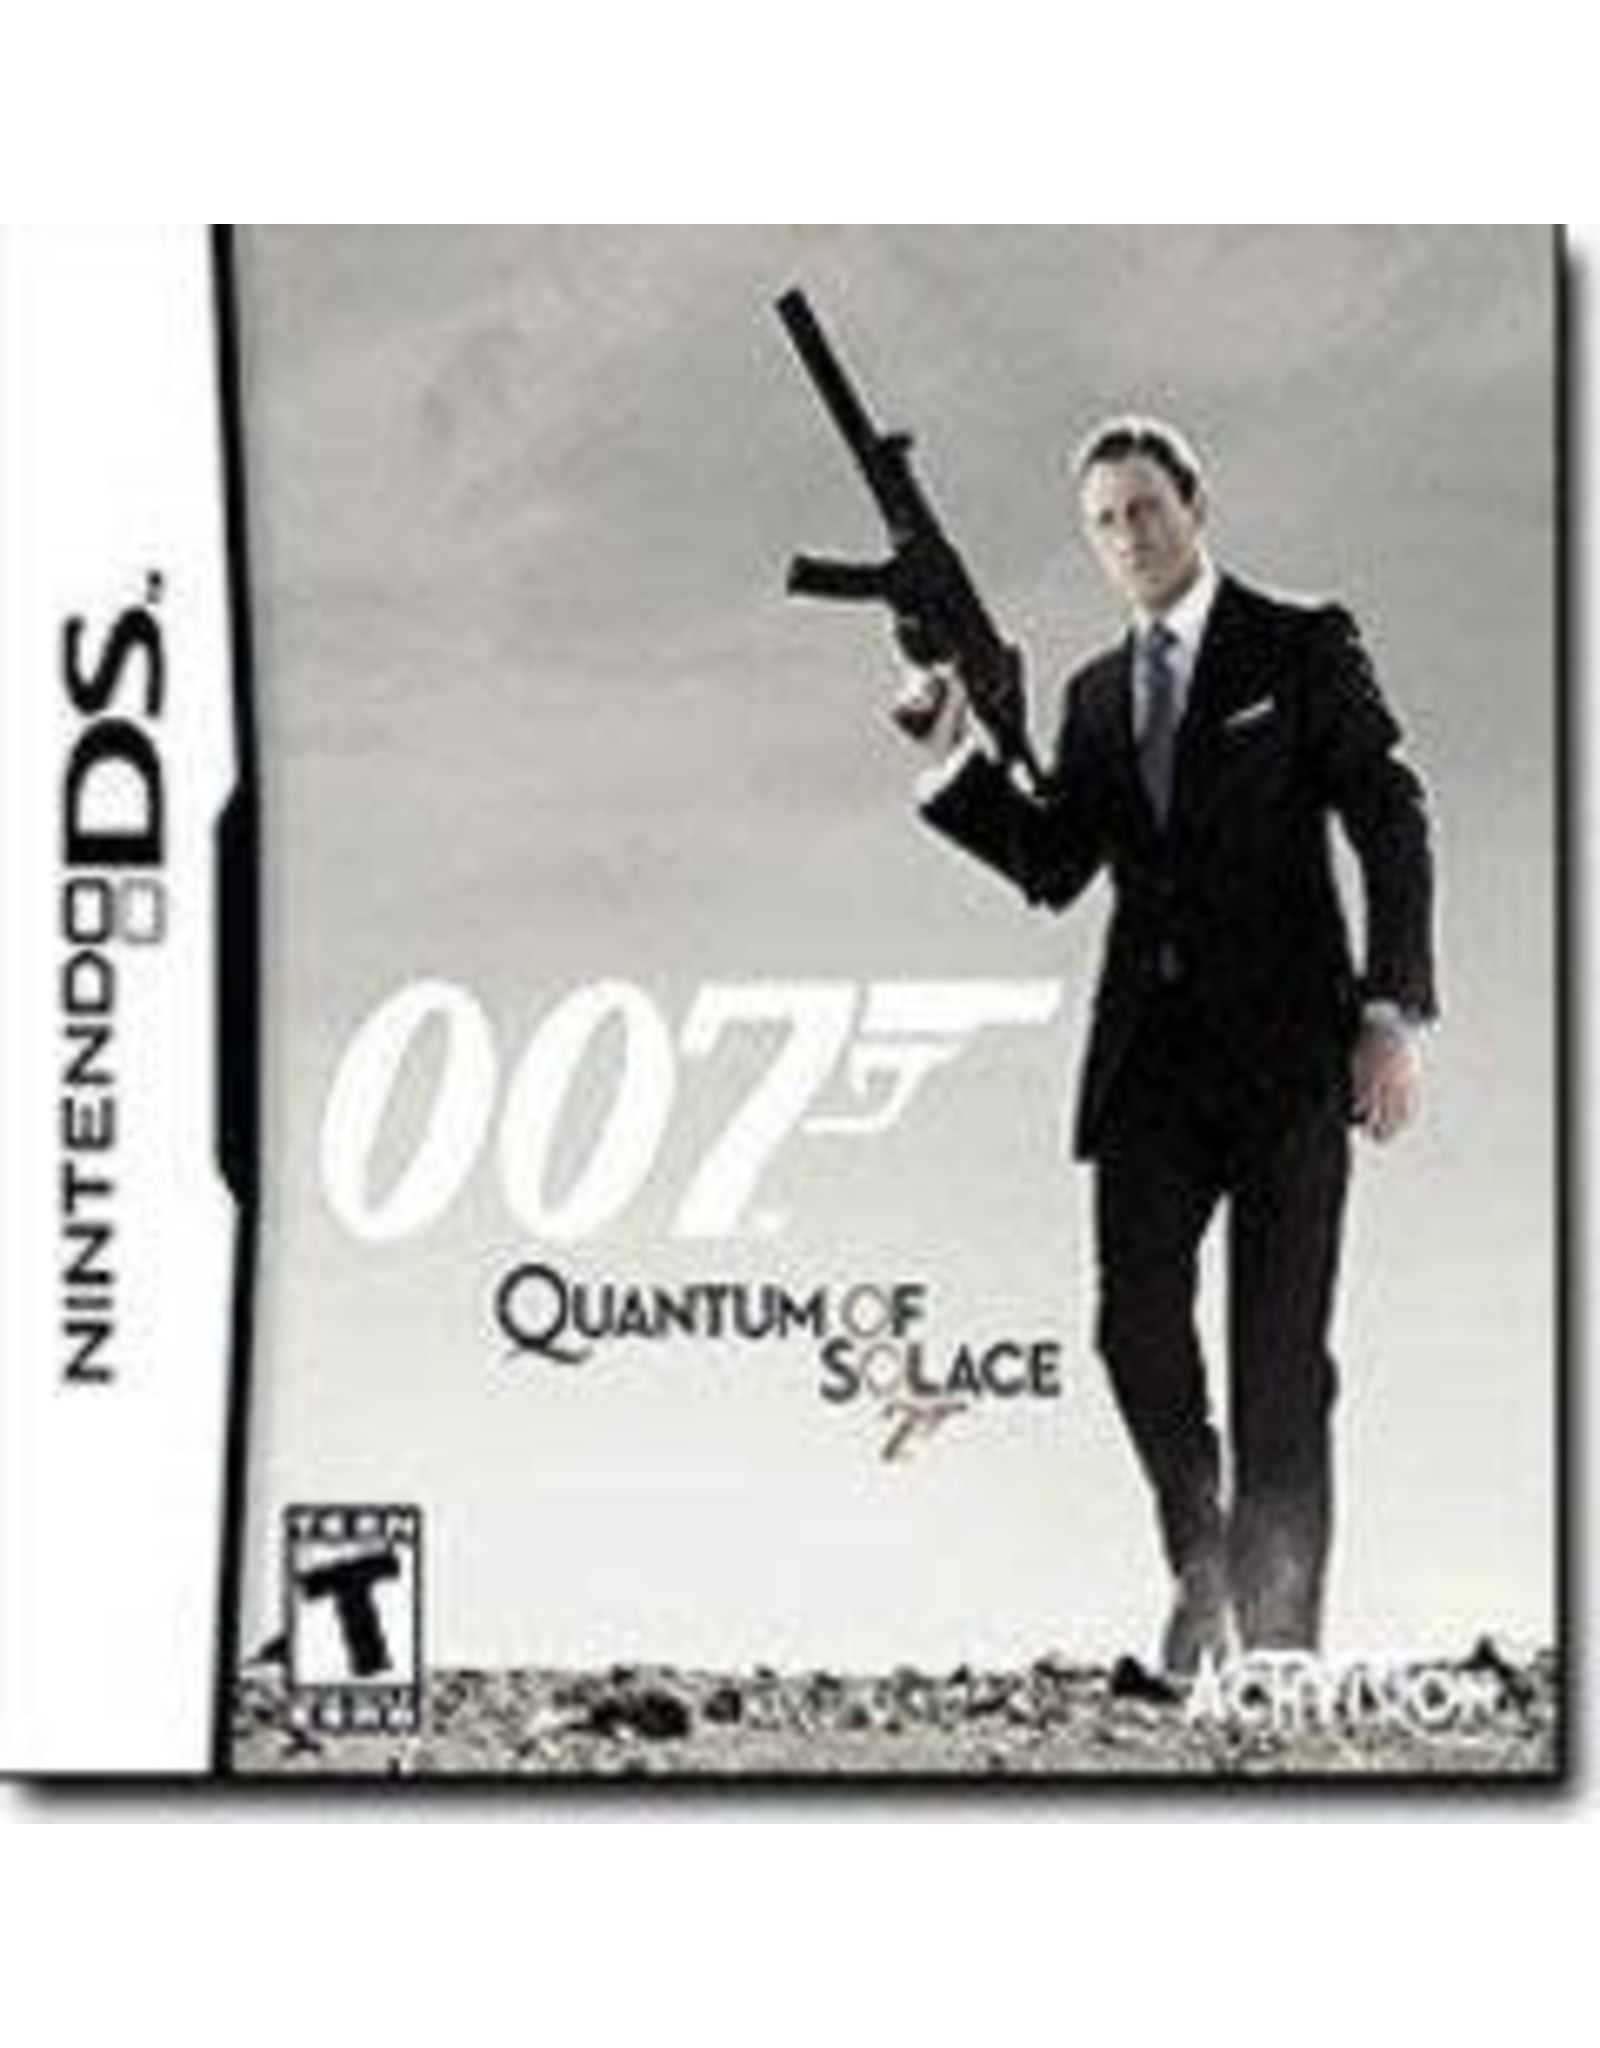 Nintendo DS 007 Quantum of Solace (CiB)